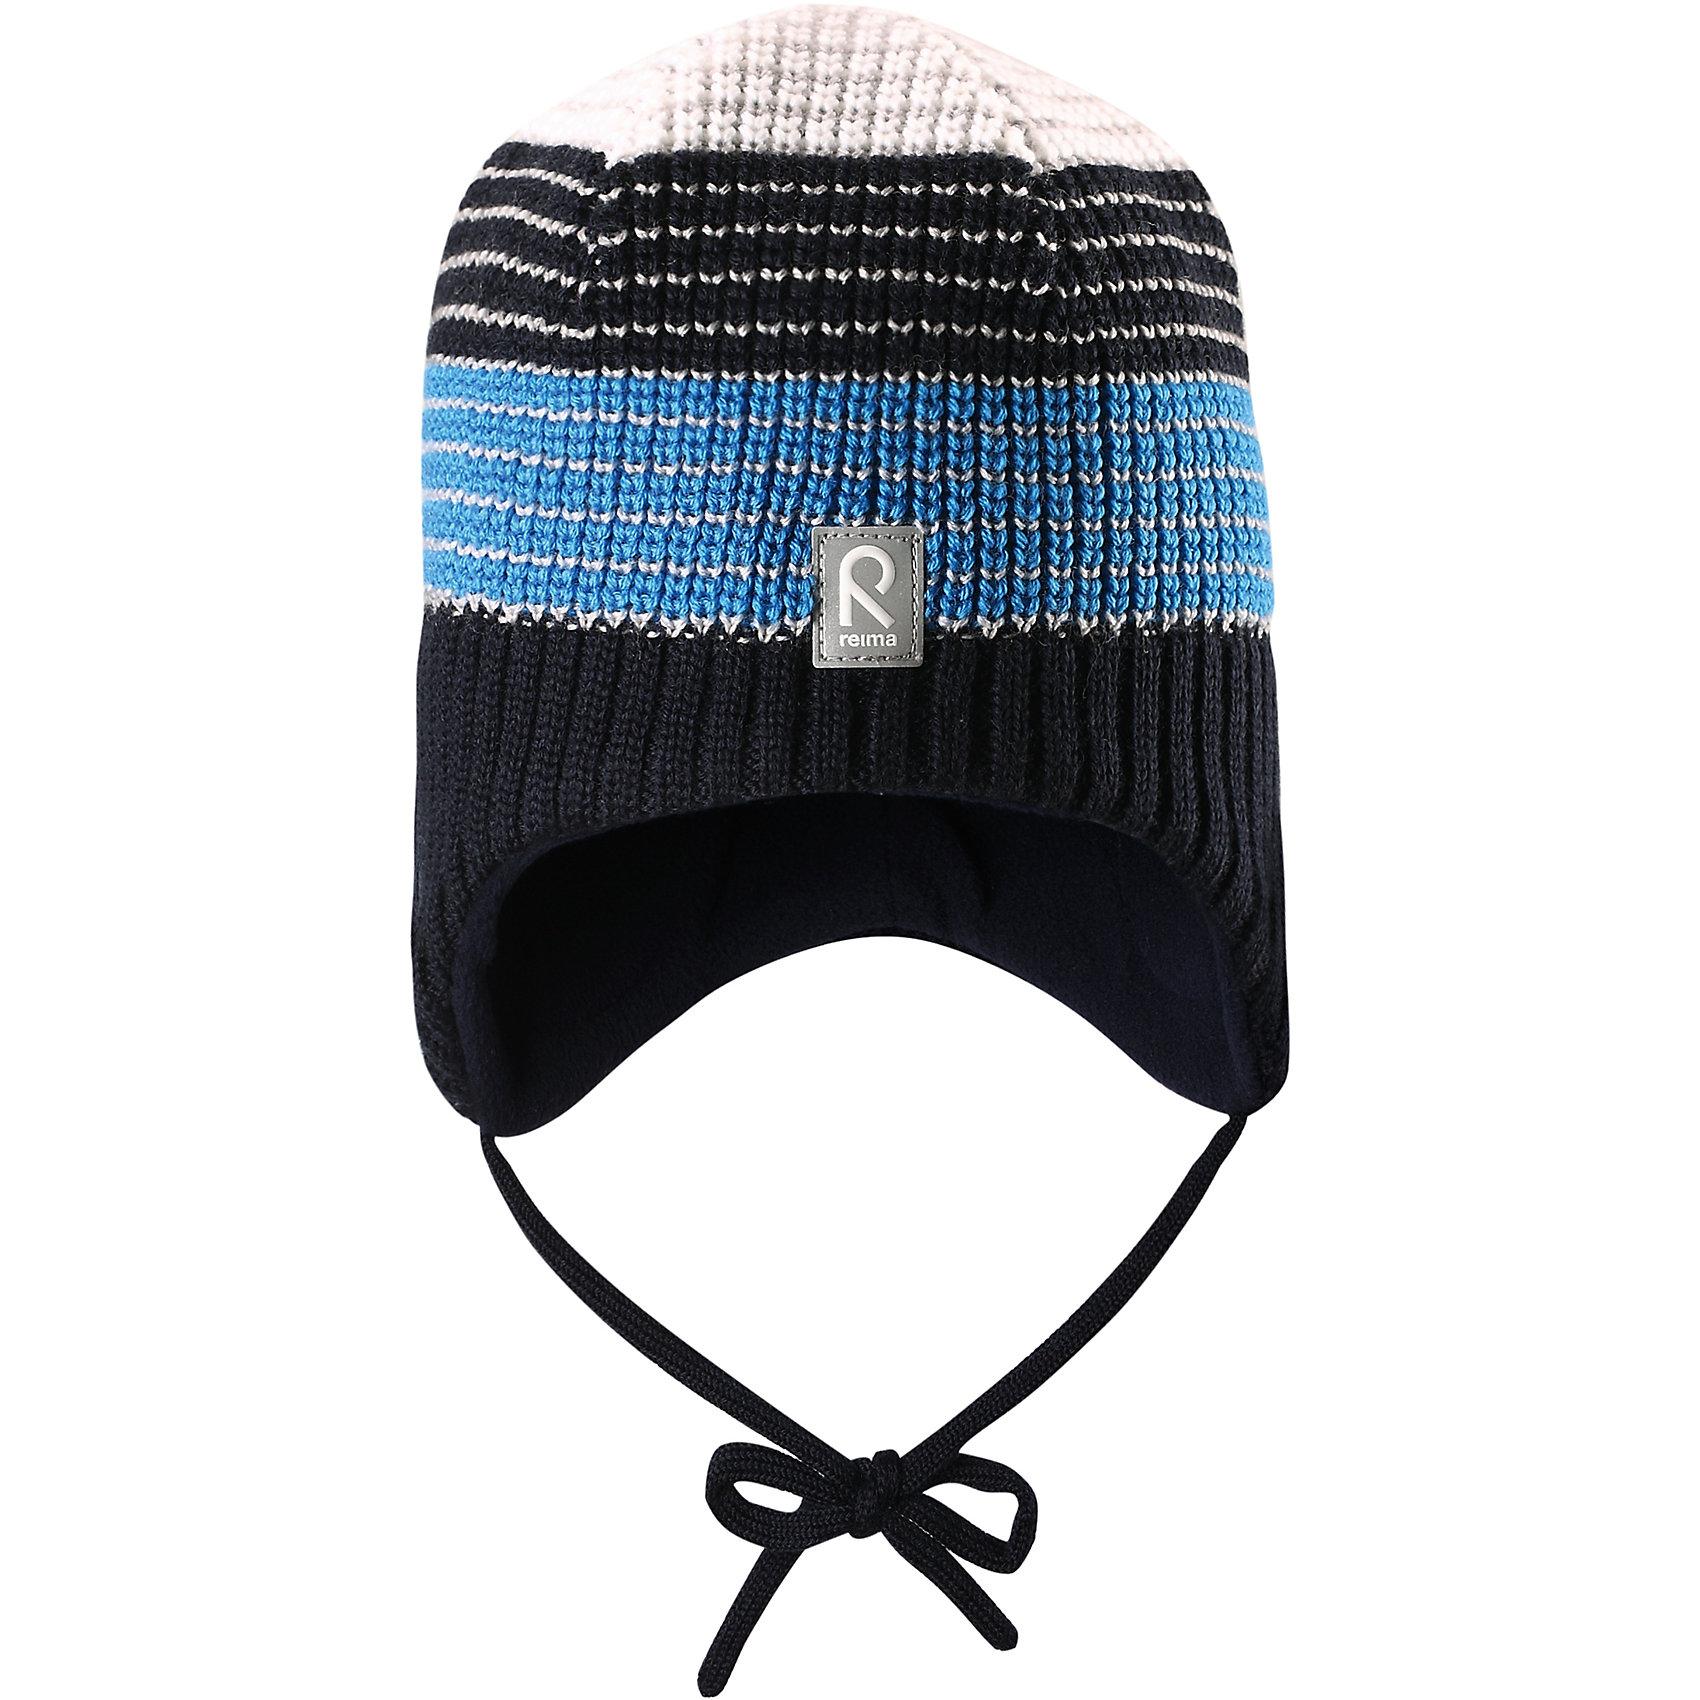 Шапка Tilava ReimaШапки и шарфы<br>Шапка  Reima<br>Шерстяная шапка «Бини» для детей и малышей. Мягкая ткань из мериносовой шерсти для поддержания идеальной температуры тела. Теплый толстый качественный трикотаж. Товар сертифицирован Oeko-Tex, класс 1, одежда для малышей. Ветронепроницаемые вставки в области ушей. Любые размеры. Мягкая теплая подкладка из поларфлиса. Скандинавский вязаный узор. Декоративные элементы сверху. Интересная структура поверхности. Светоотражающий элемент спереди.<br>Уход:<br>Стирать по отдельности, вывернув наизнанку. Придать первоначальную форму вo влажном виде. Возможна усадка 5 %.<br>Состав:<br>100% Шерсть<br><br>Ширина мм: 89<br>Глубина мм: 117<br>Высота мм: 44<br>Вес г: 155<br>Цвет: синий<br>Возраст от месяцев: 24<br>Возраст до месяцев: 60<br>Пол: Мужской<br>Возраст: Детский<br>Размер: 54,48,50,52<br>SKU: 4777277